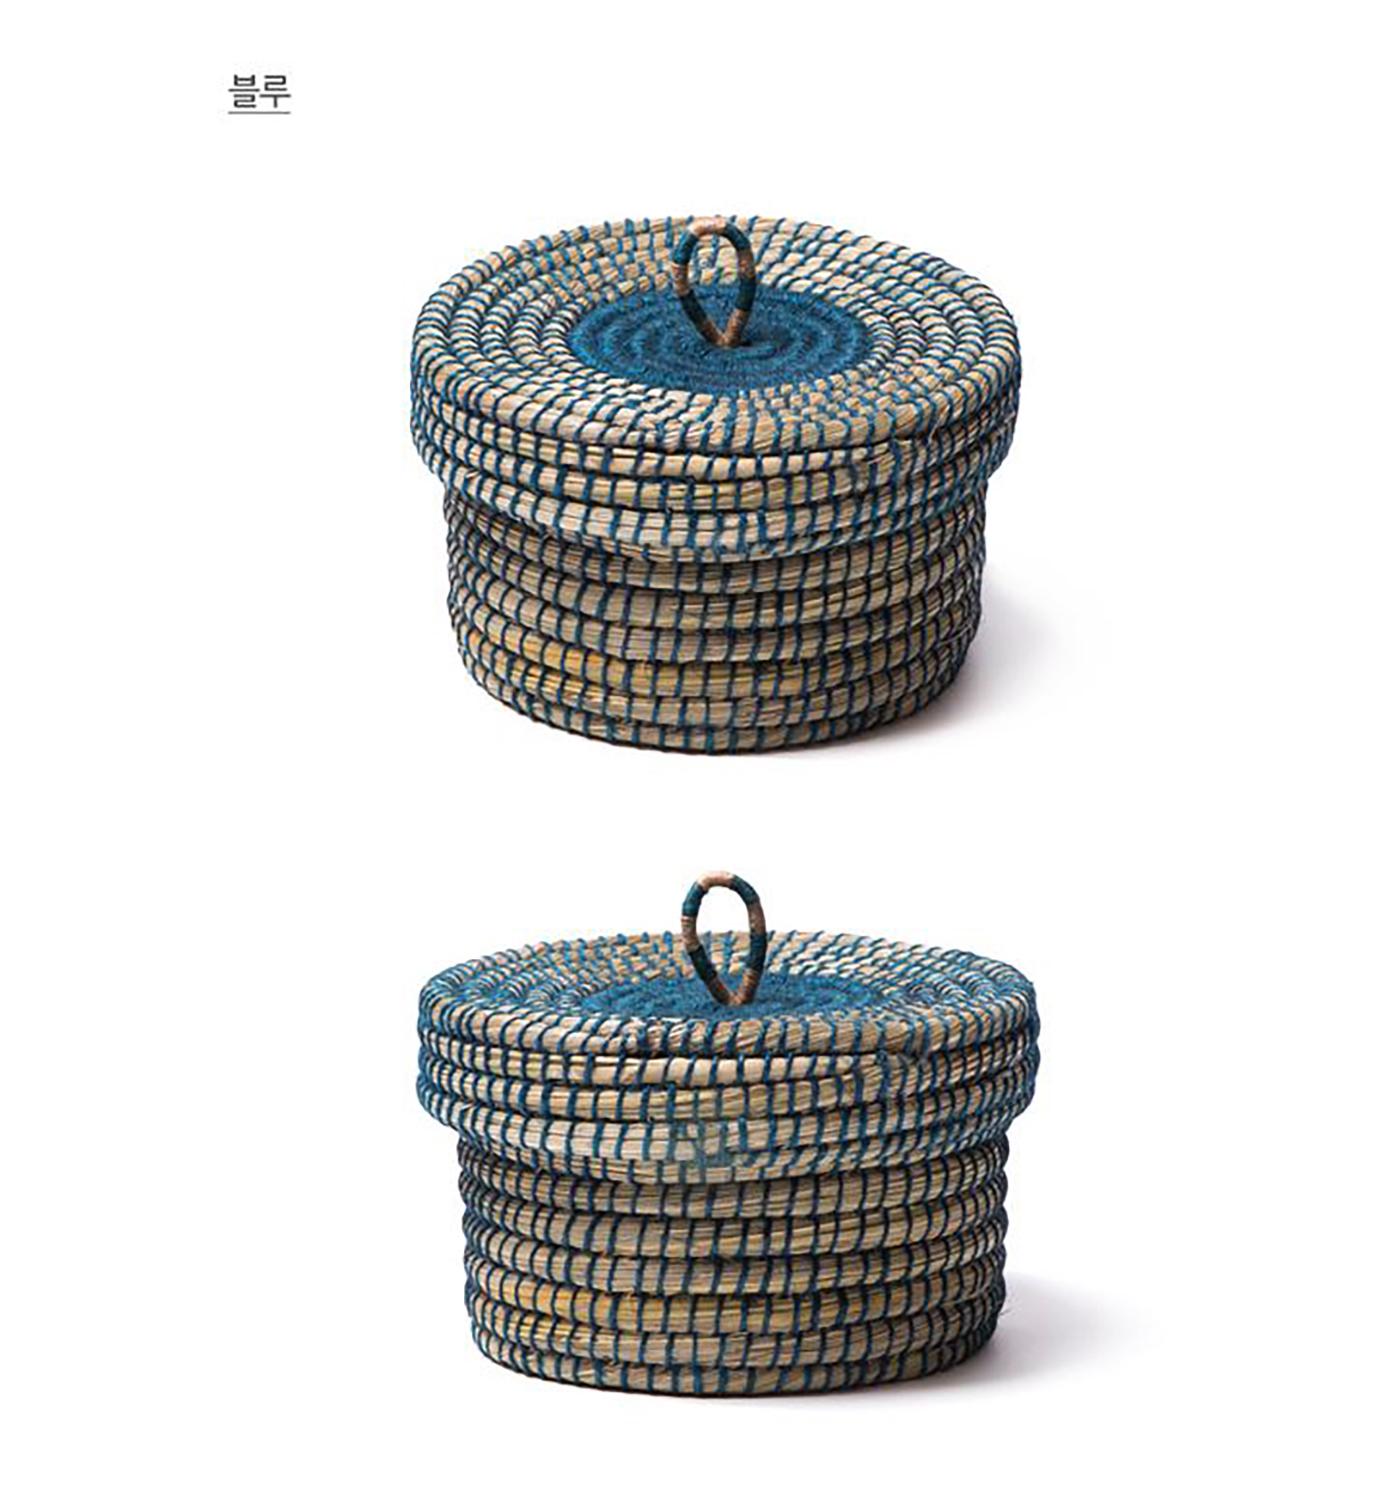 미니 바스켓/아시아 여성 생산자가 직접 꼬아 만든 튼튼한 뚜껑 바스켓(블루) 상세이미지5